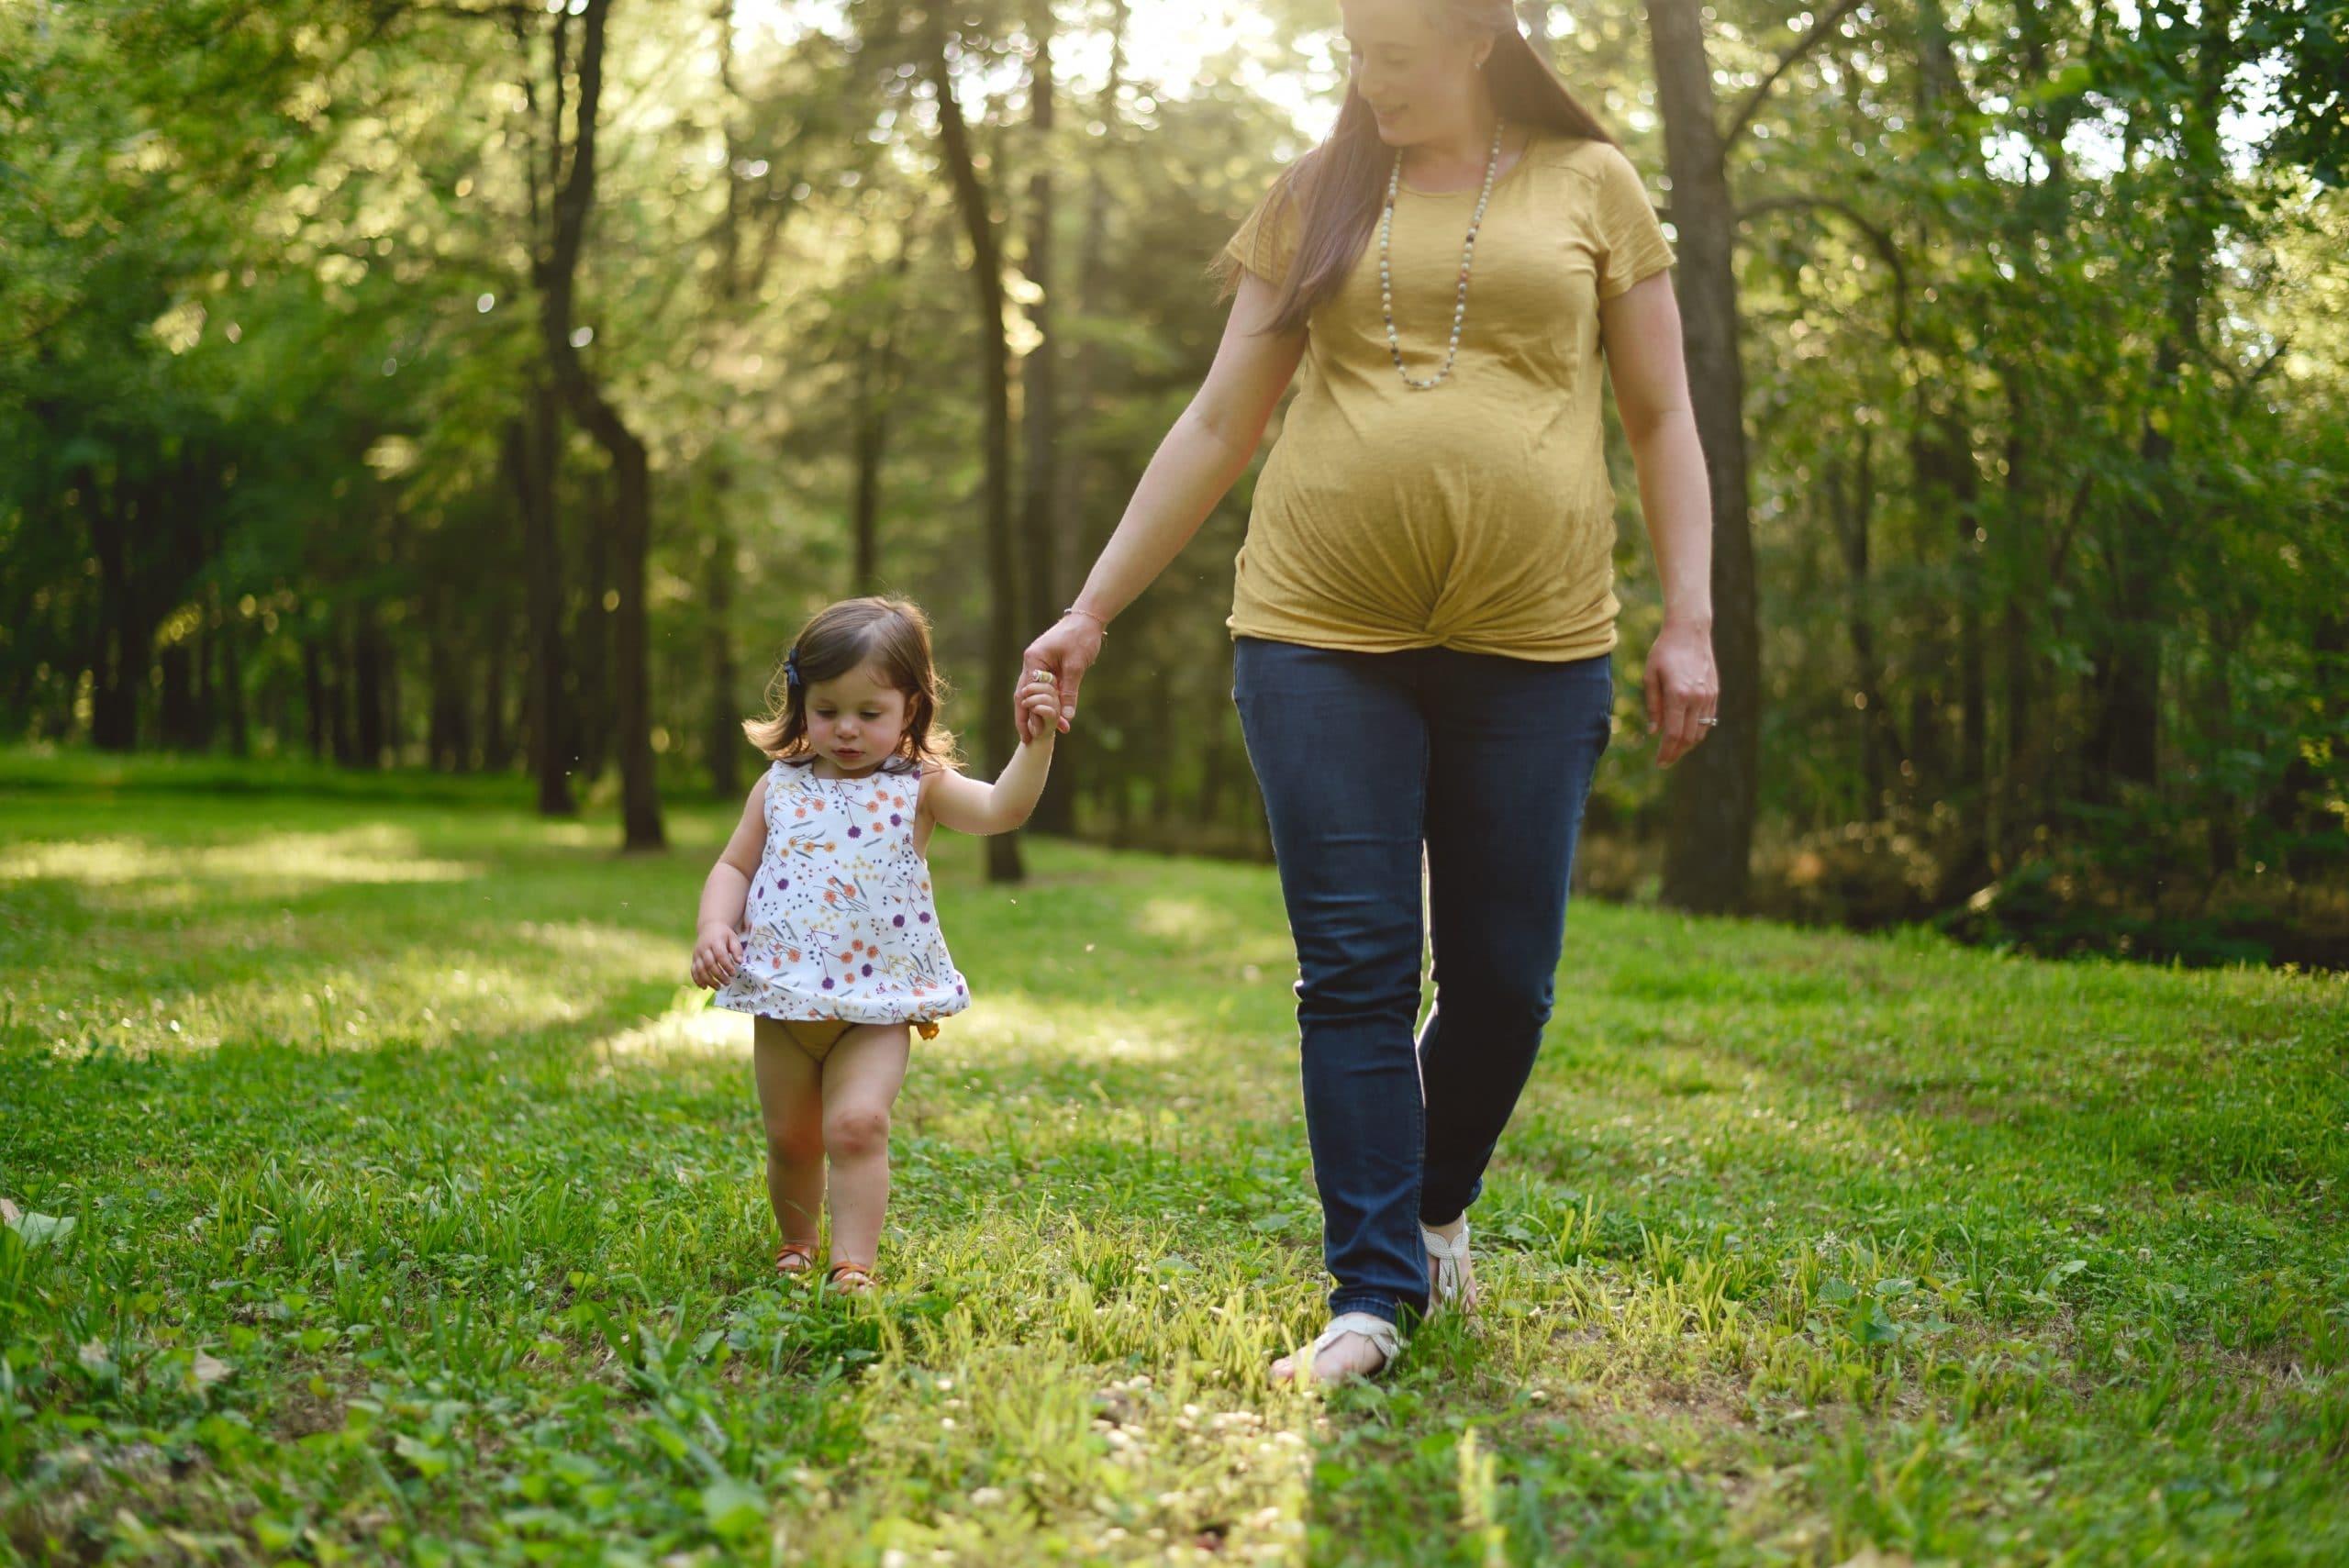 Mão grávida caminhando de mãos dadas com filha pequena